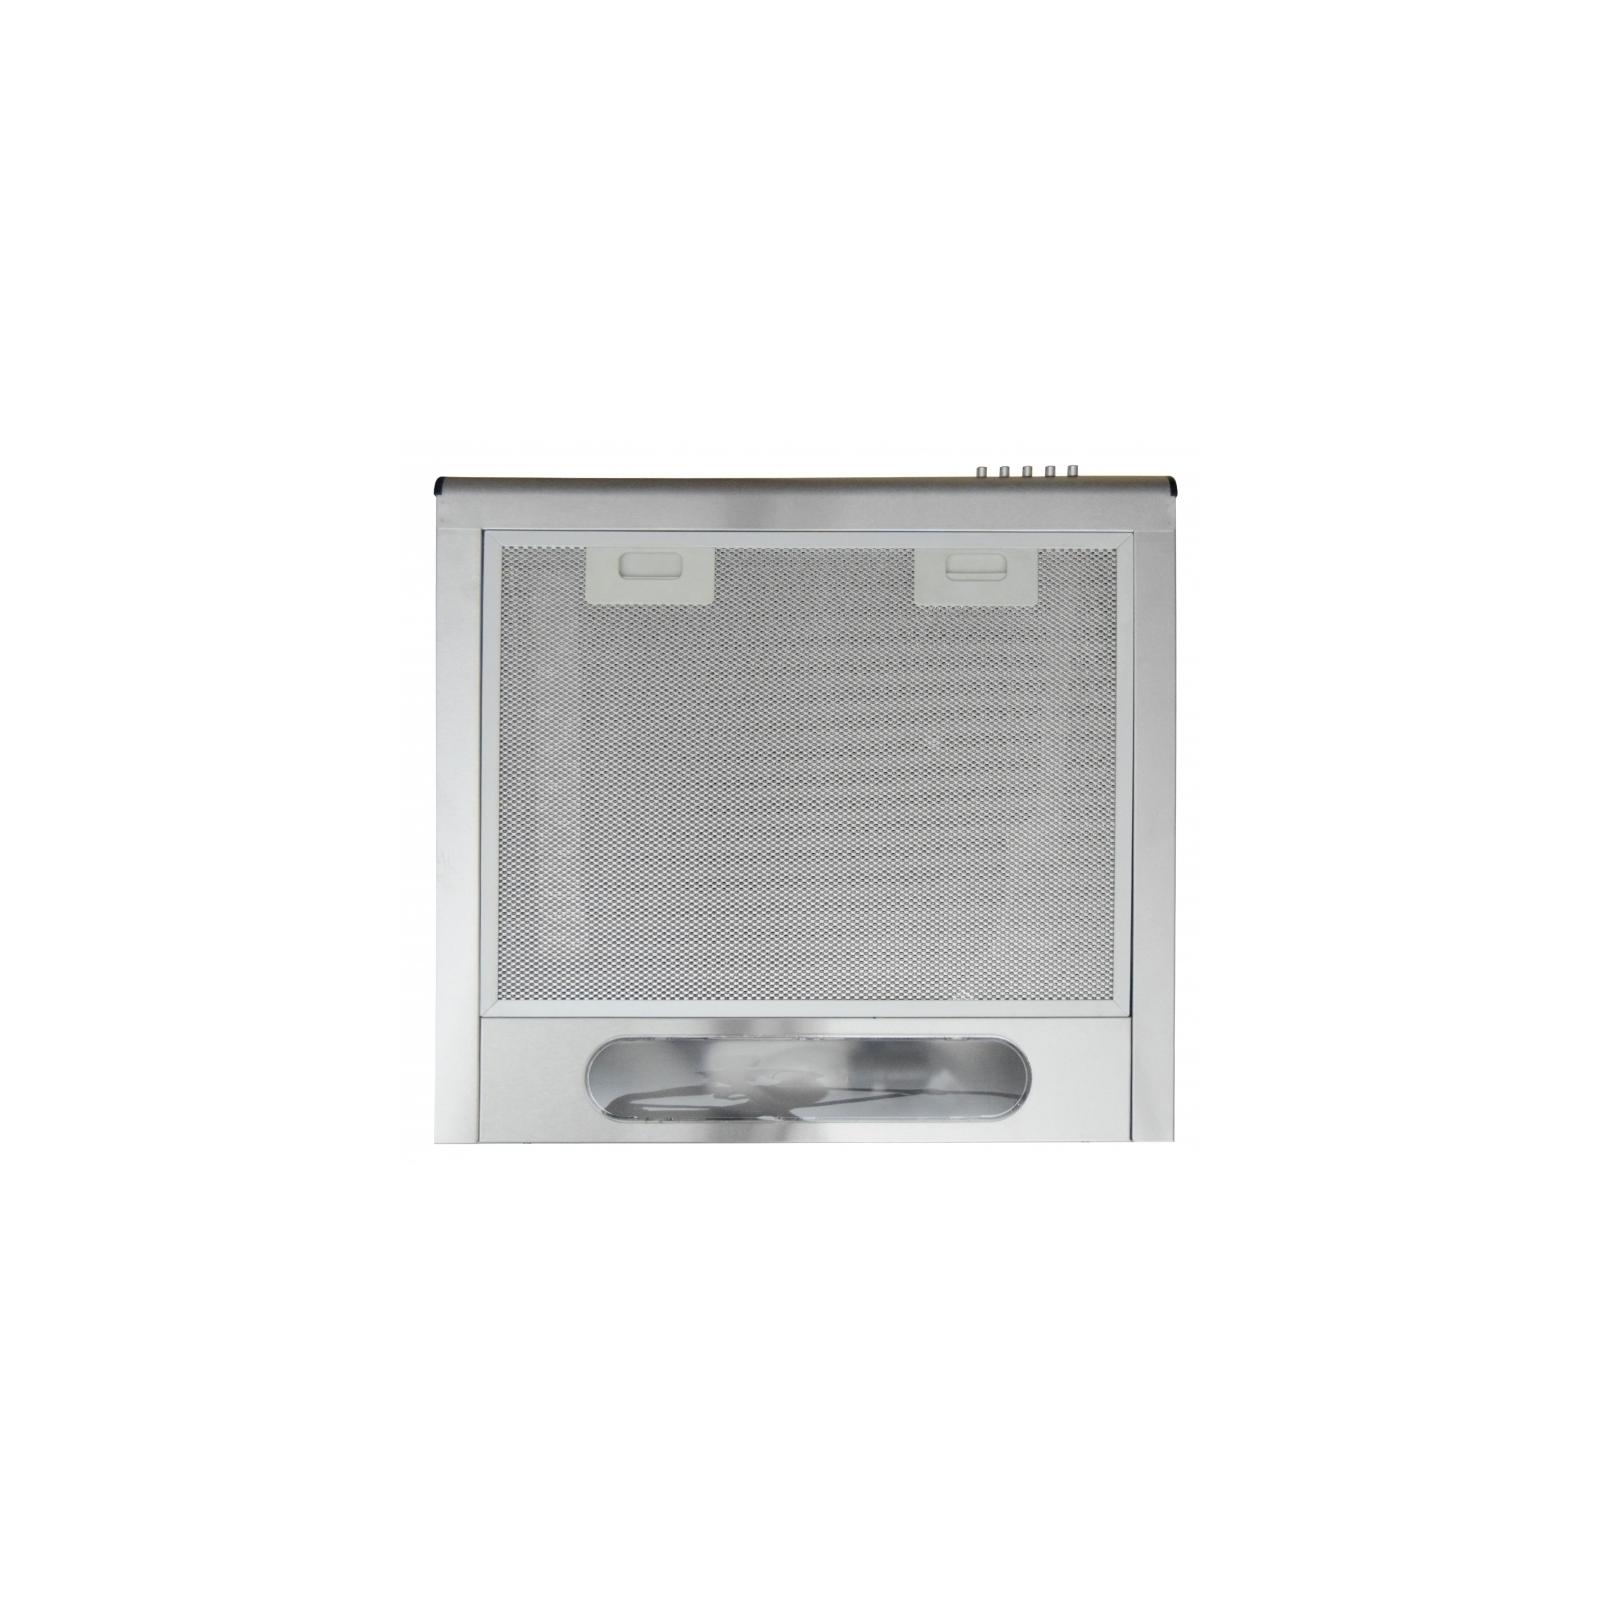 Вытяжка кухонная ELEYUS Line I 50 IS изображение 5